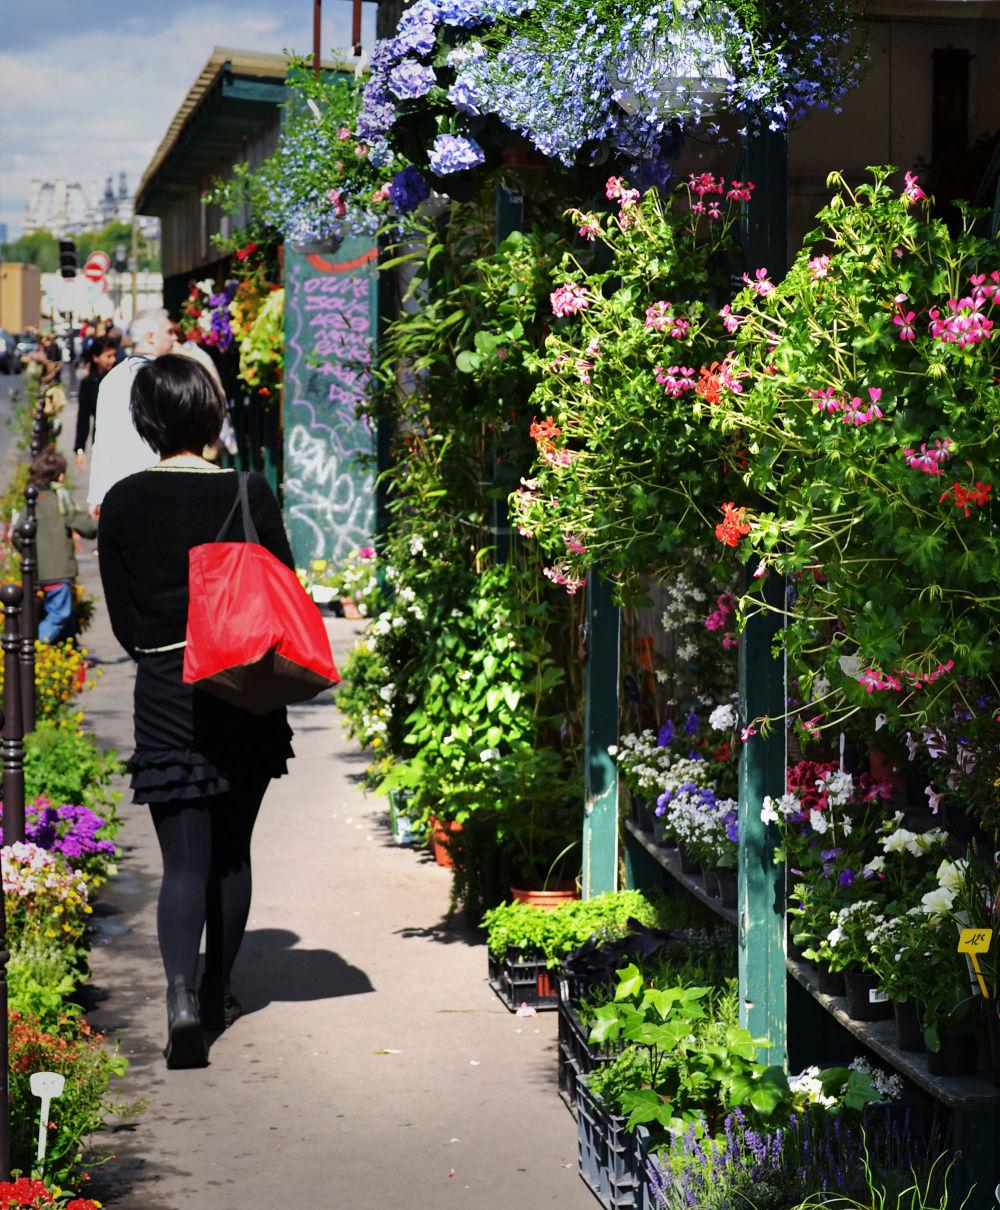 paris france flower market tourist